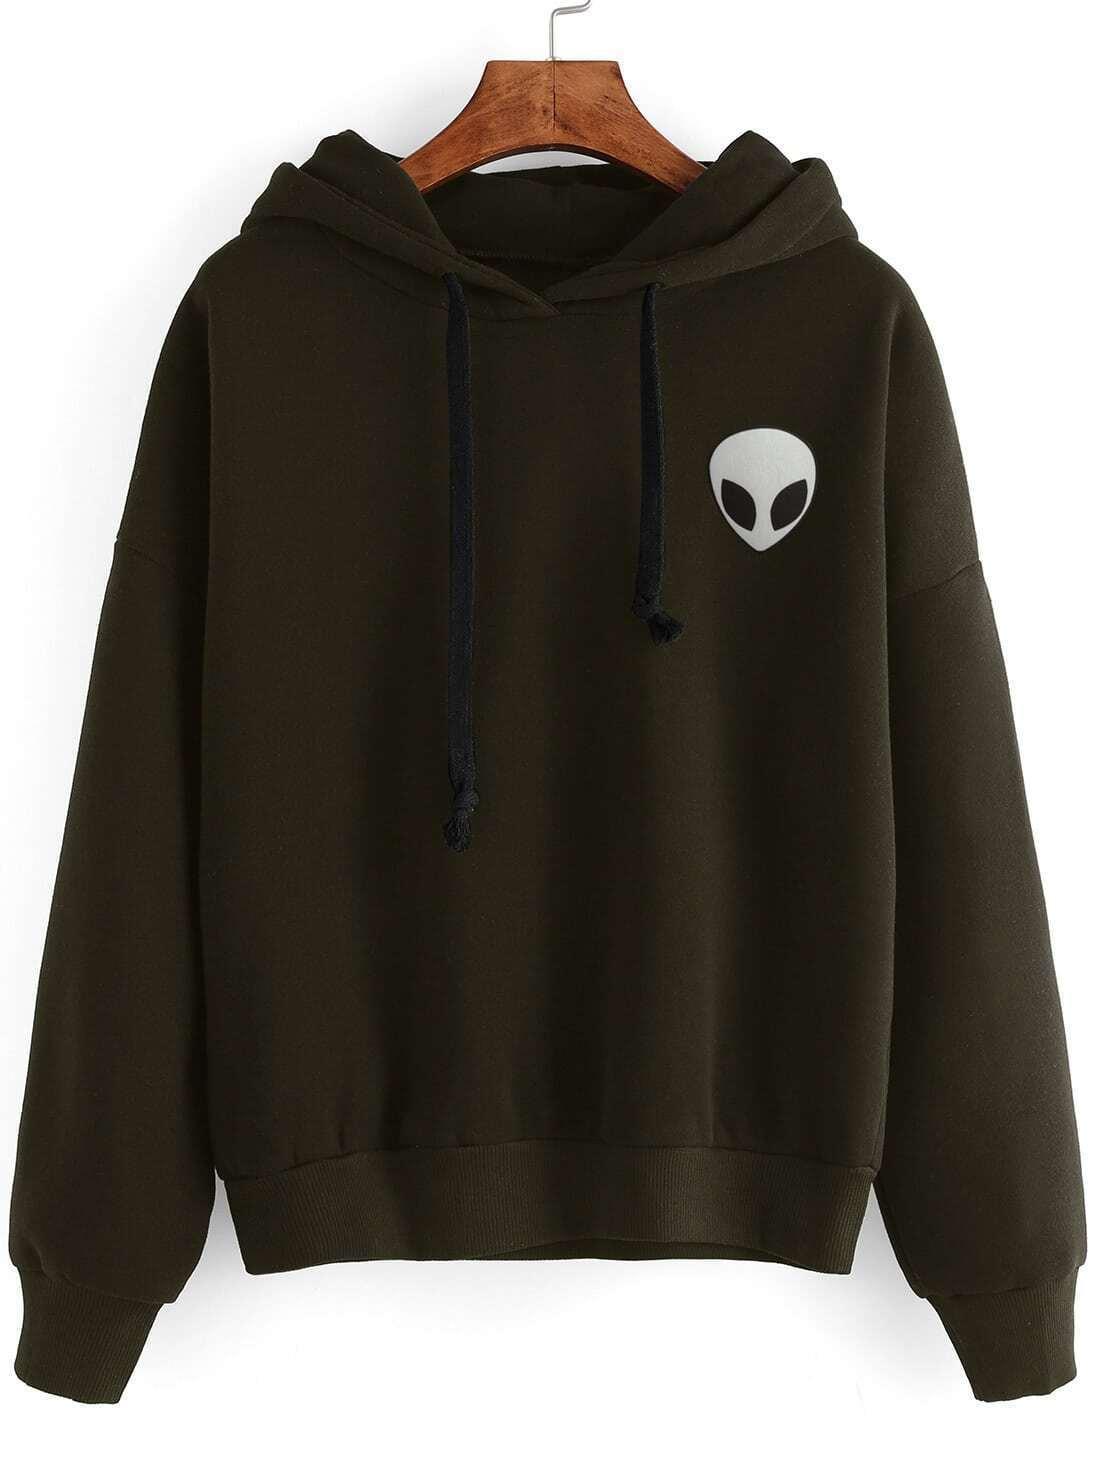 sweatshirt160816125_2